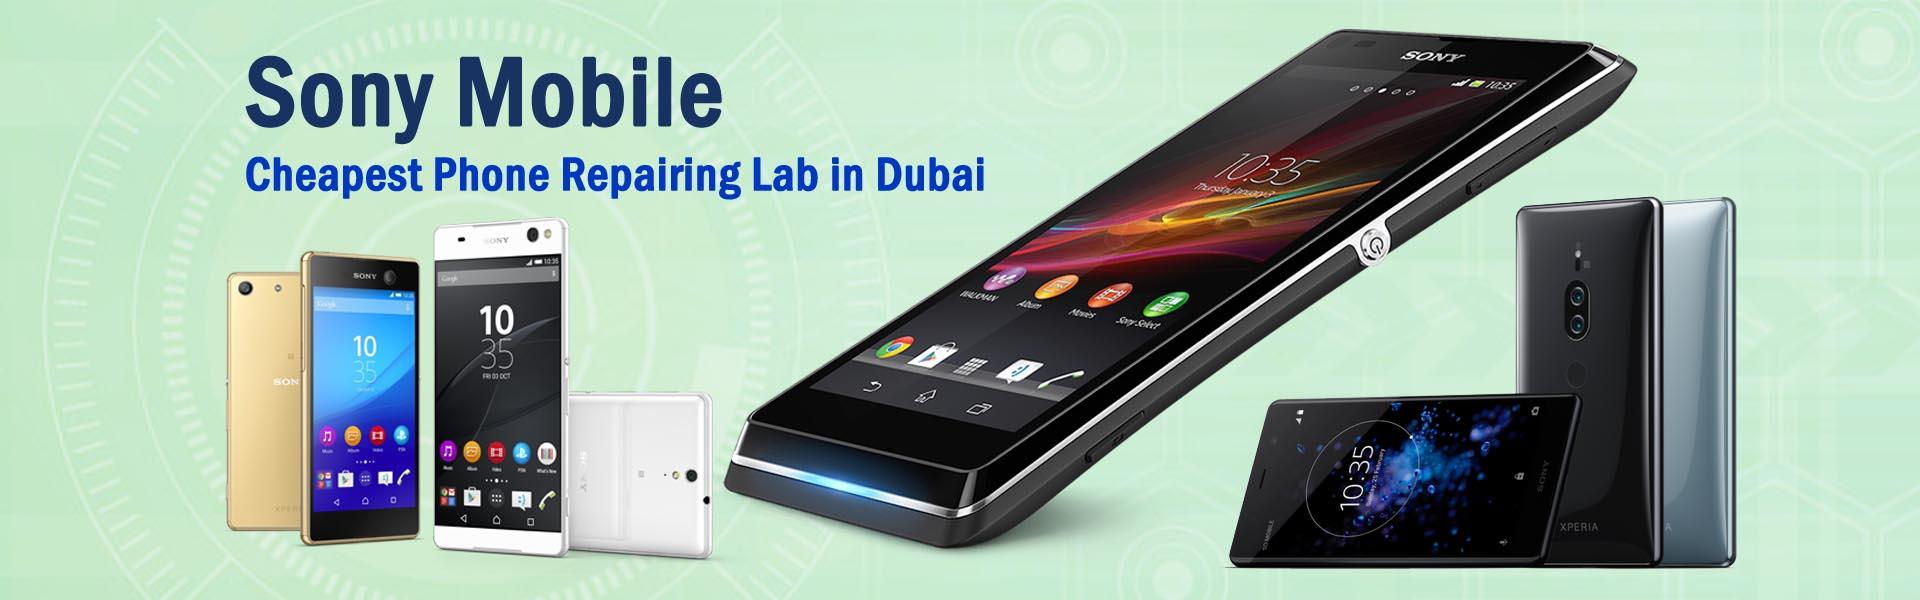 sony mobile repair in dubai